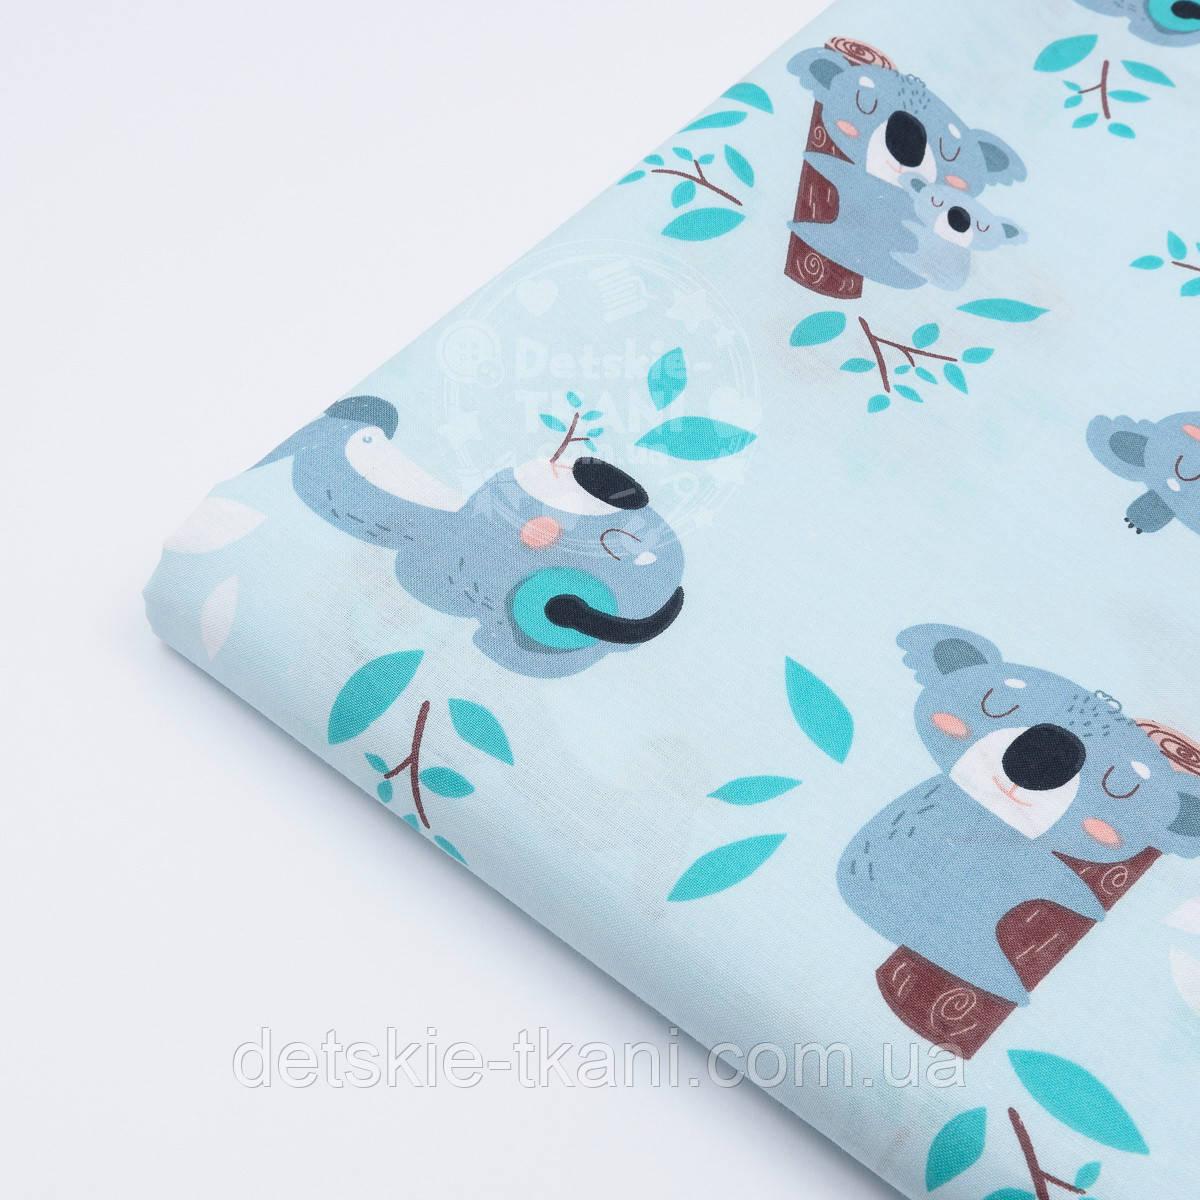 """Лоскут ткани """"Коала с чемоданом"""" на светло-бирюзовом фоне (№ 1487)"""